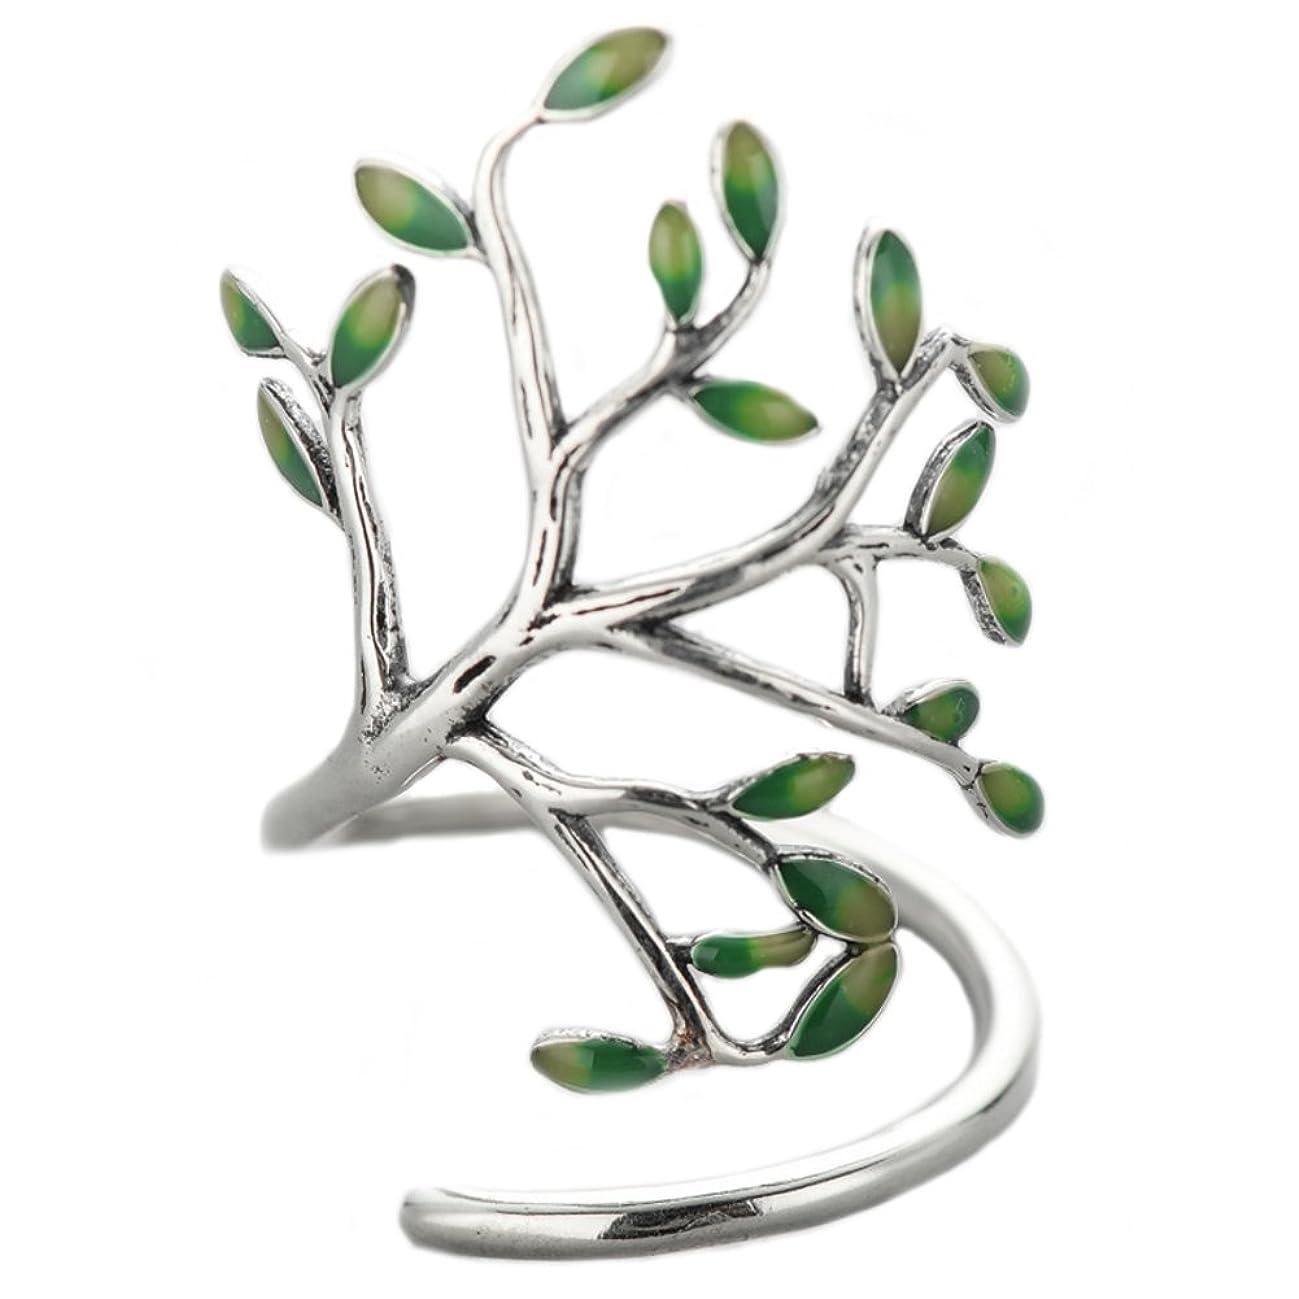 Helen de Lete Innovative Life Tree Sterling Silver Open Ring